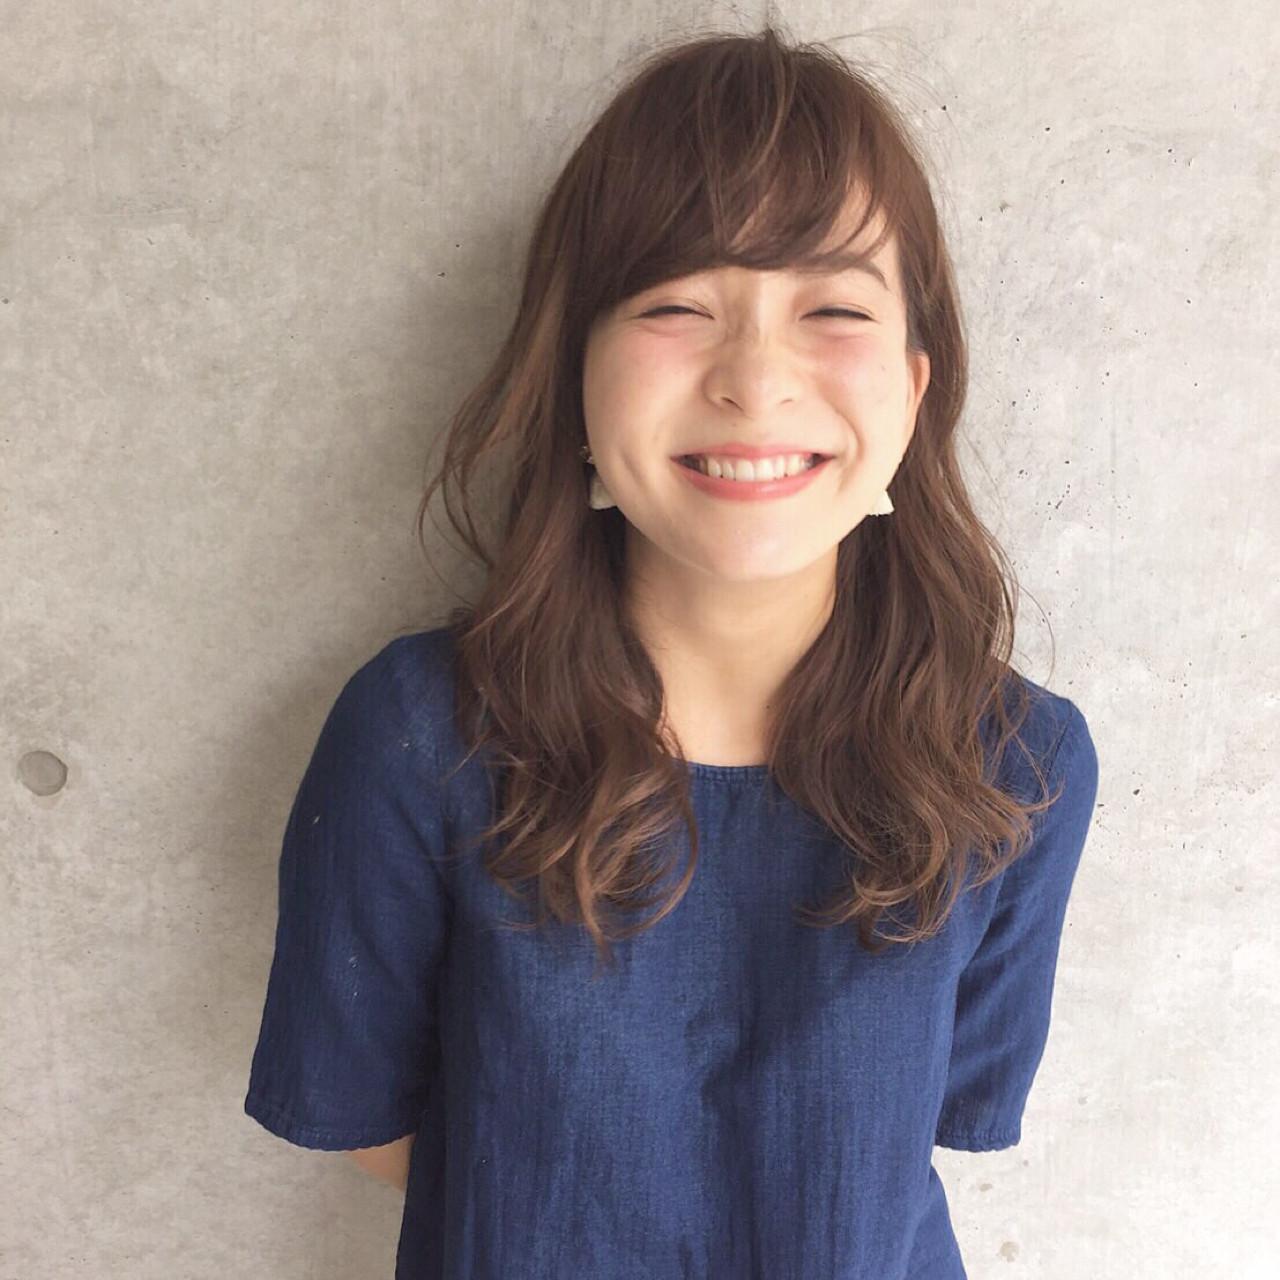 丸顔さん似合わせのゆるふわウェーブヘア 前田賢太 HOULe 表参道